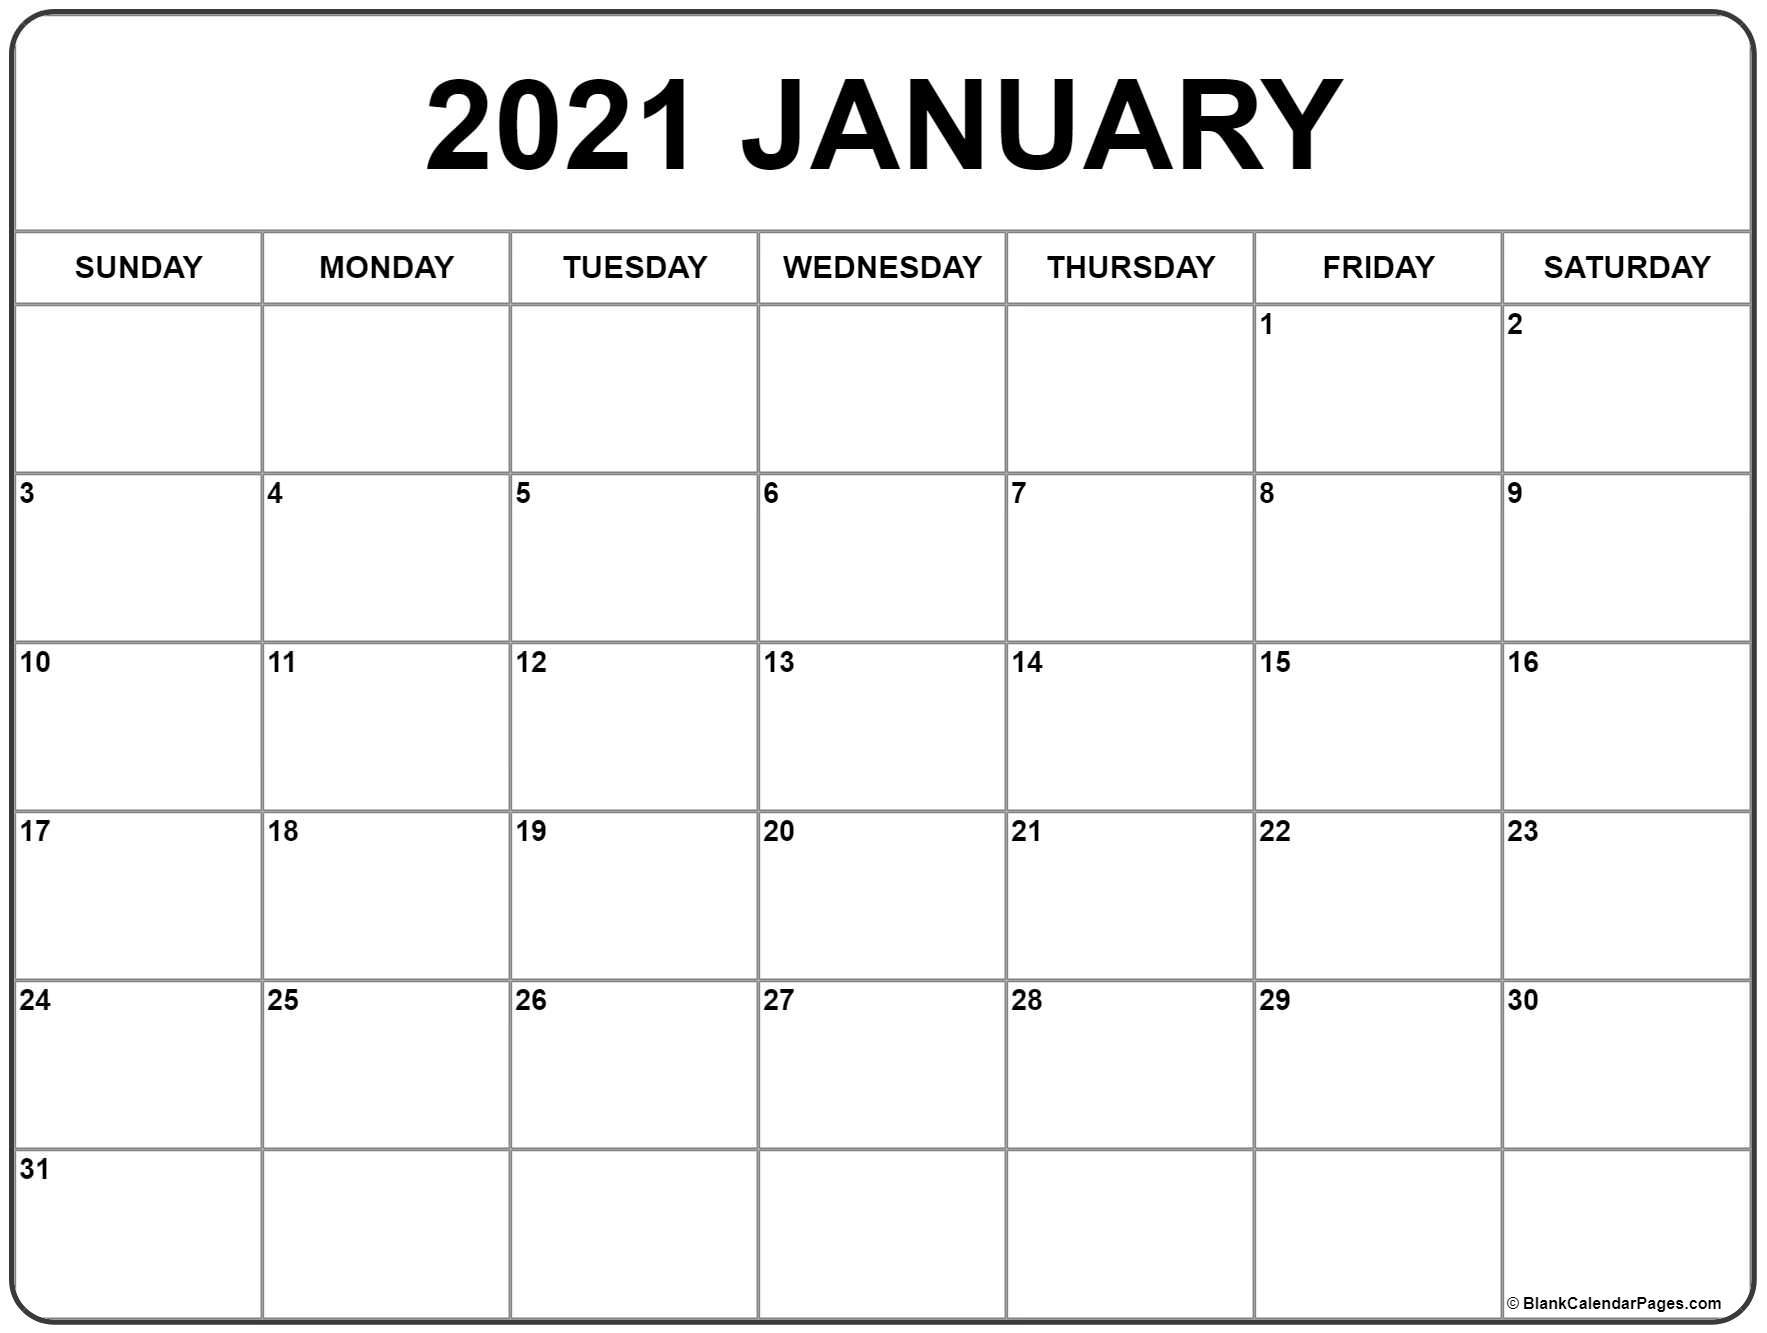 Take 2021 Calendar Print Out